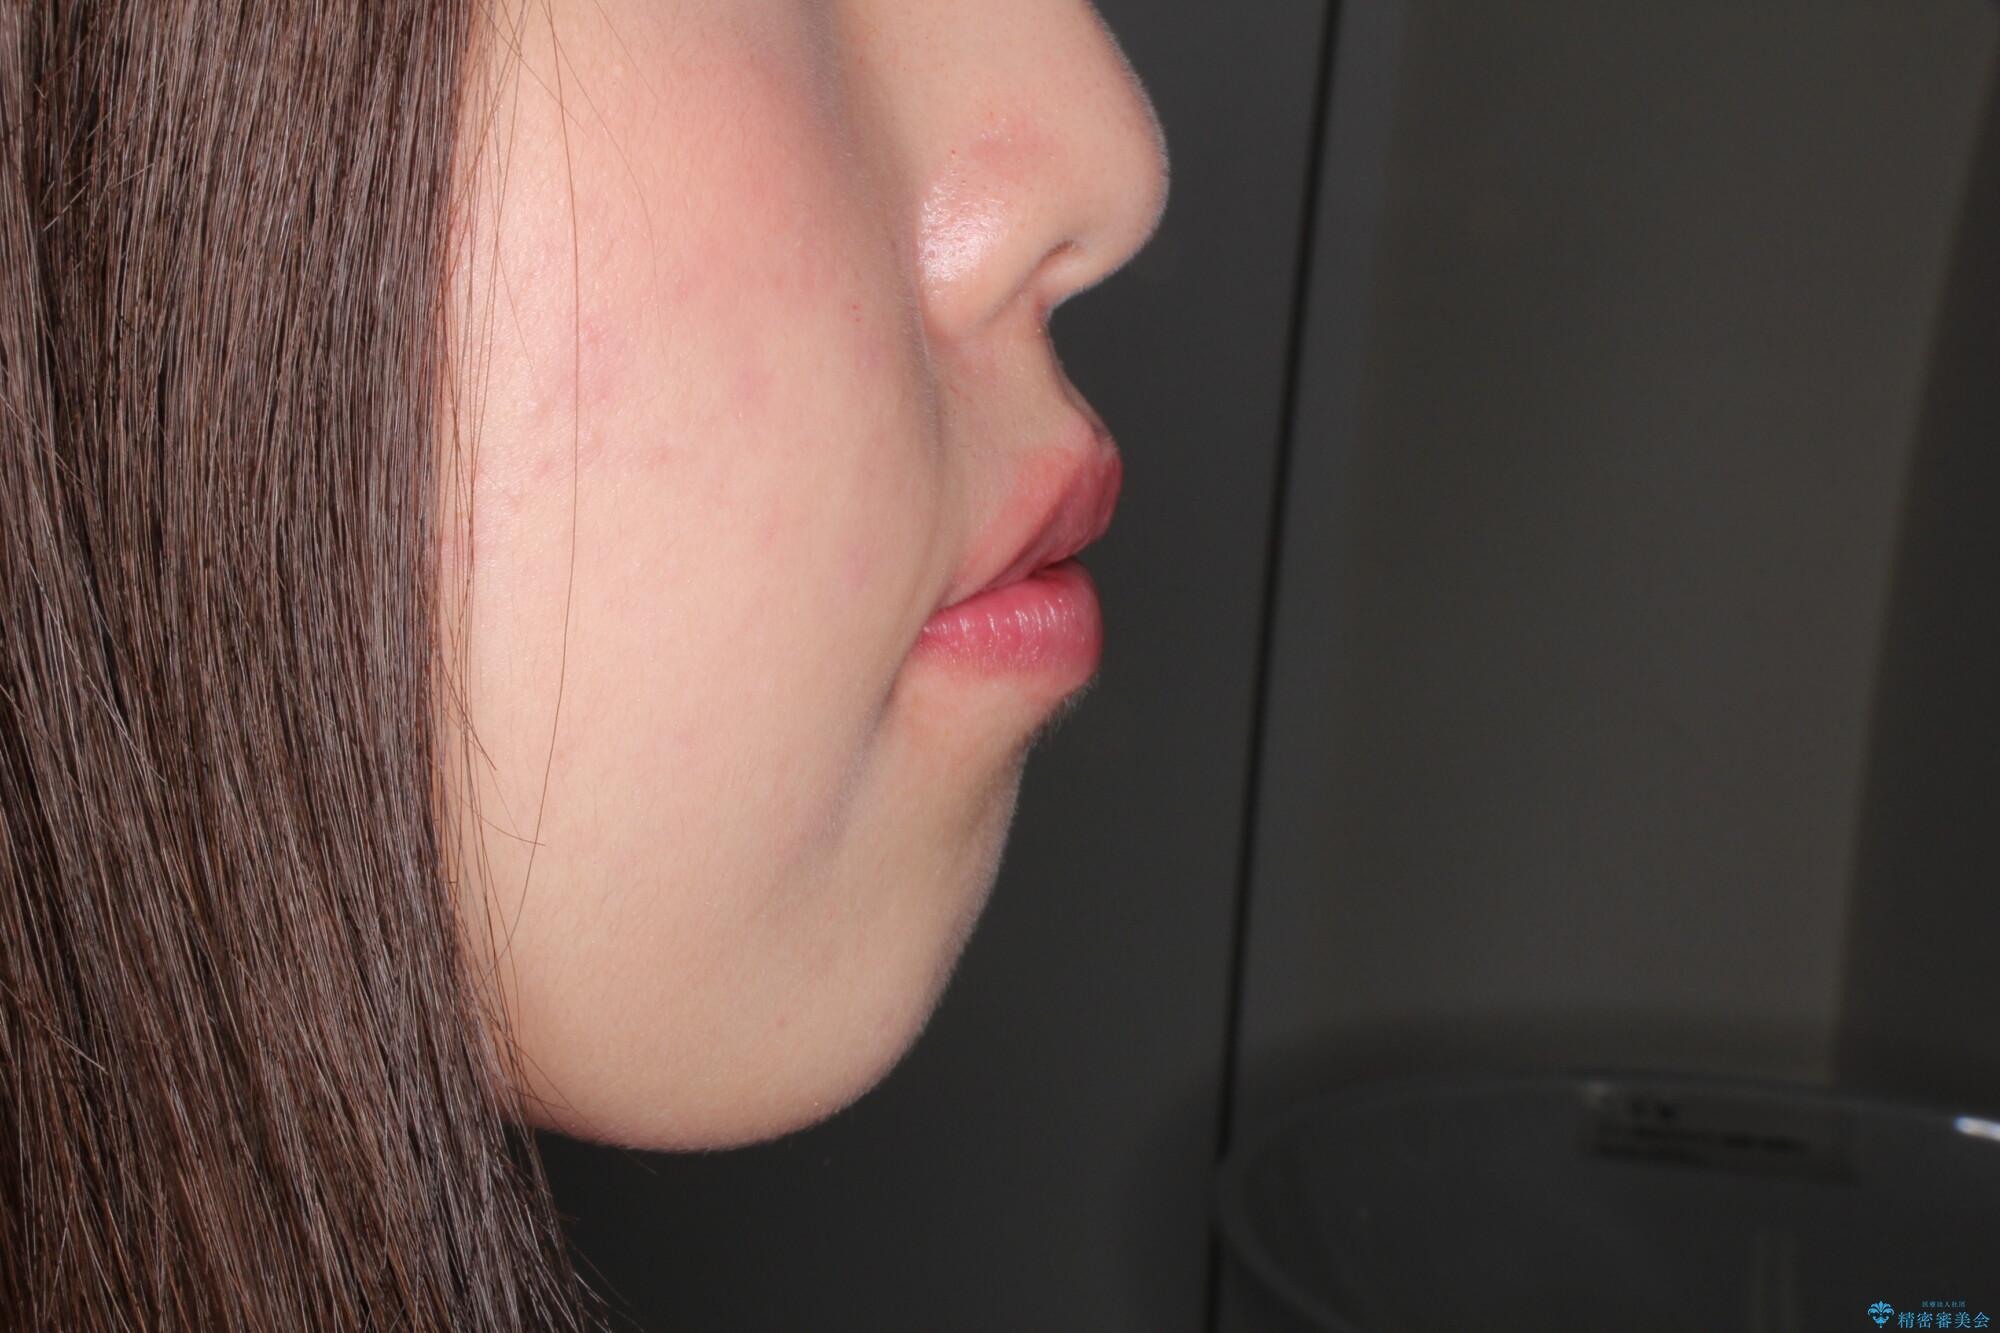 犬歯が変な位置にある 抜歯矯正により正しい位置への治療前(顔貌)